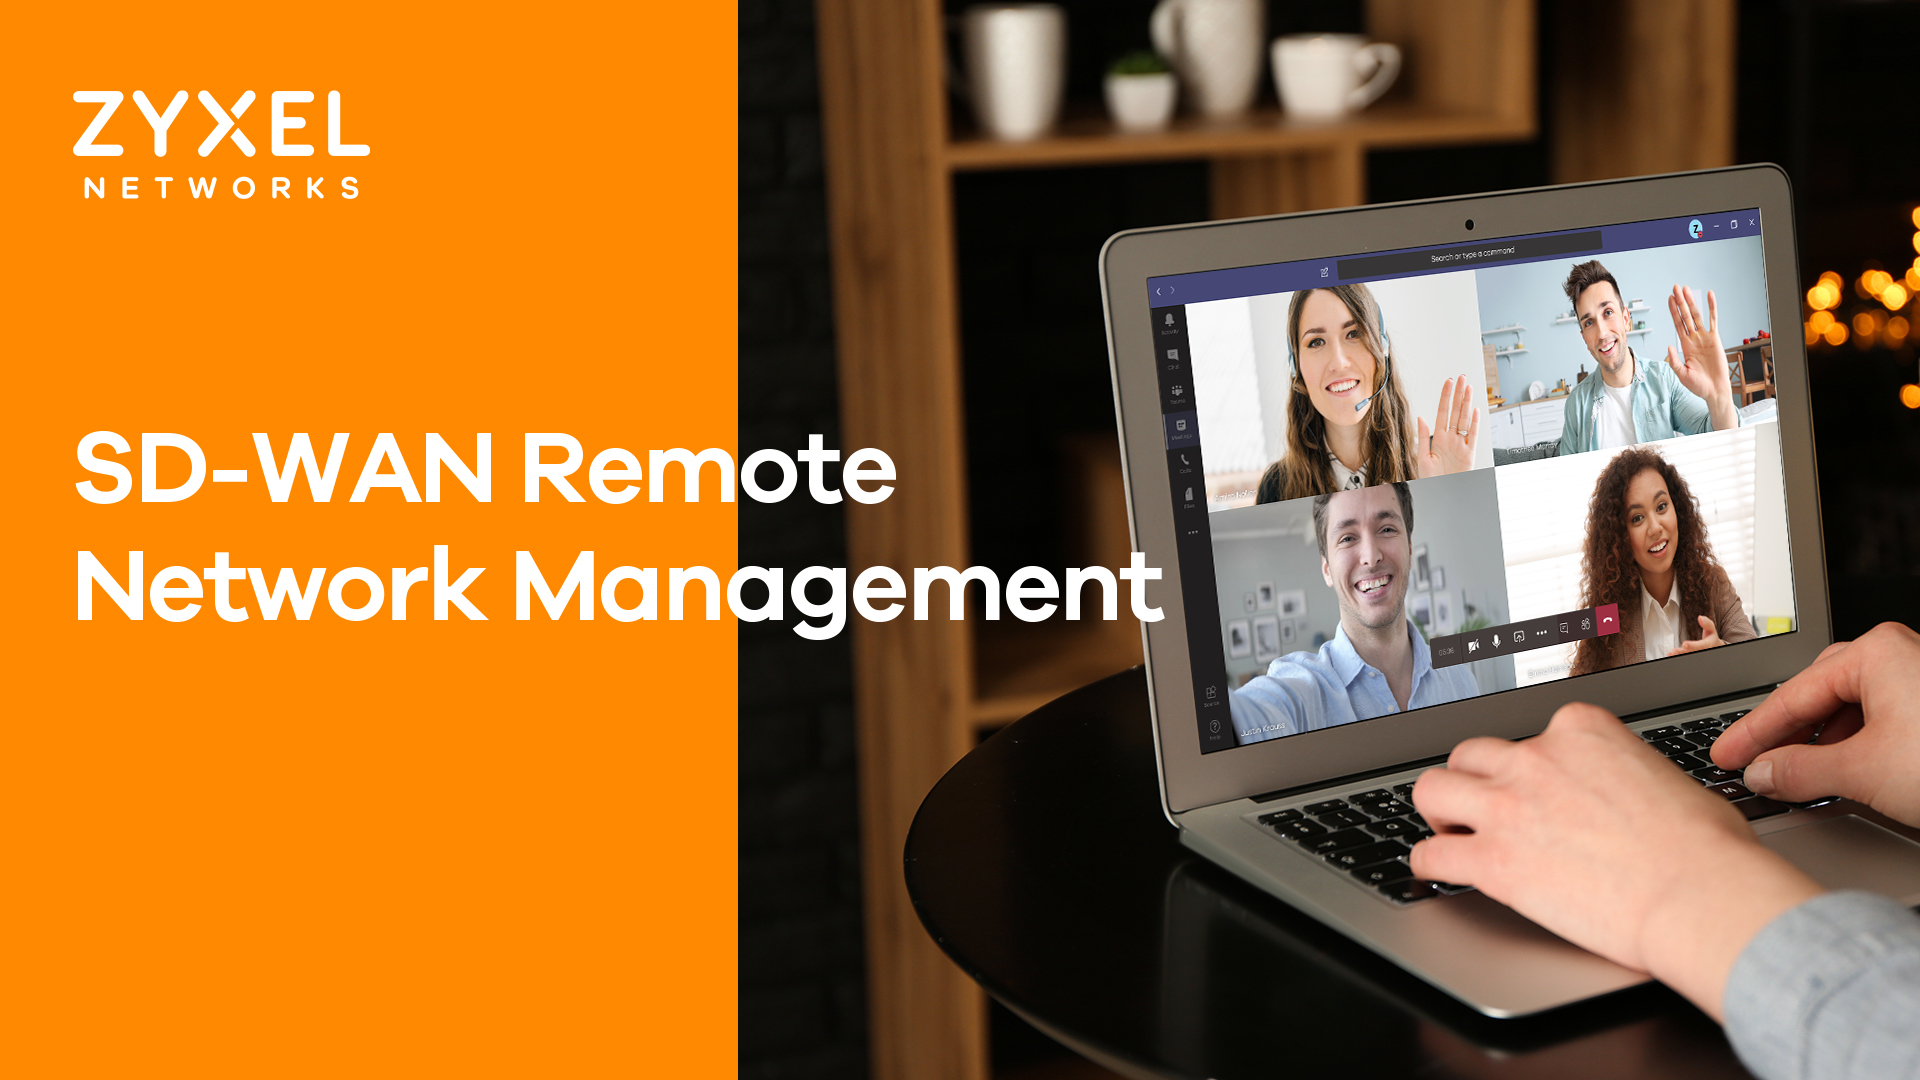 Zyxel amplia le capacità di gestione di rete da remoto del sistema operativo SD-WAN